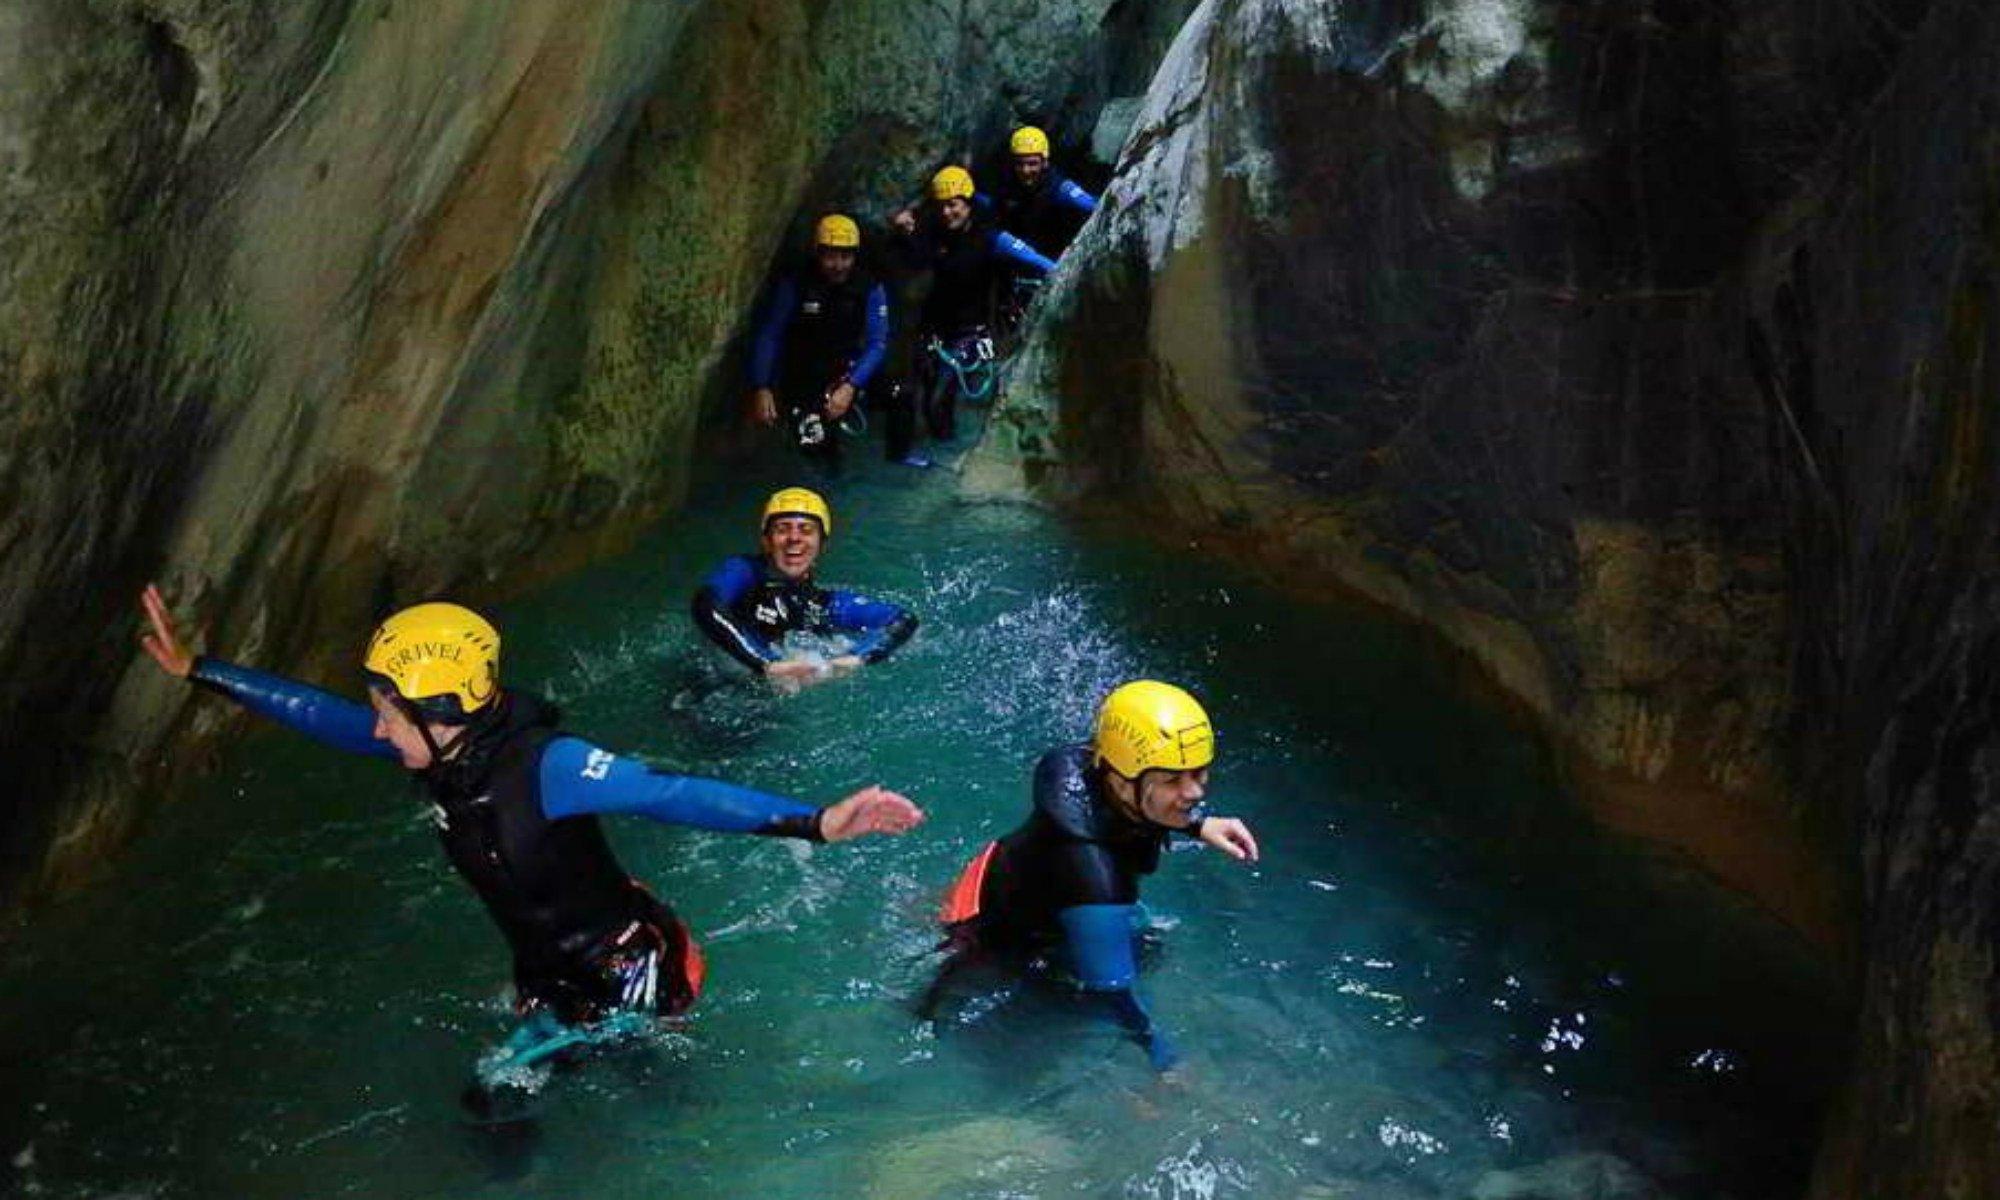 Des canyonistes se faufilent dans l'eau entre les deux parois d'un canyon.